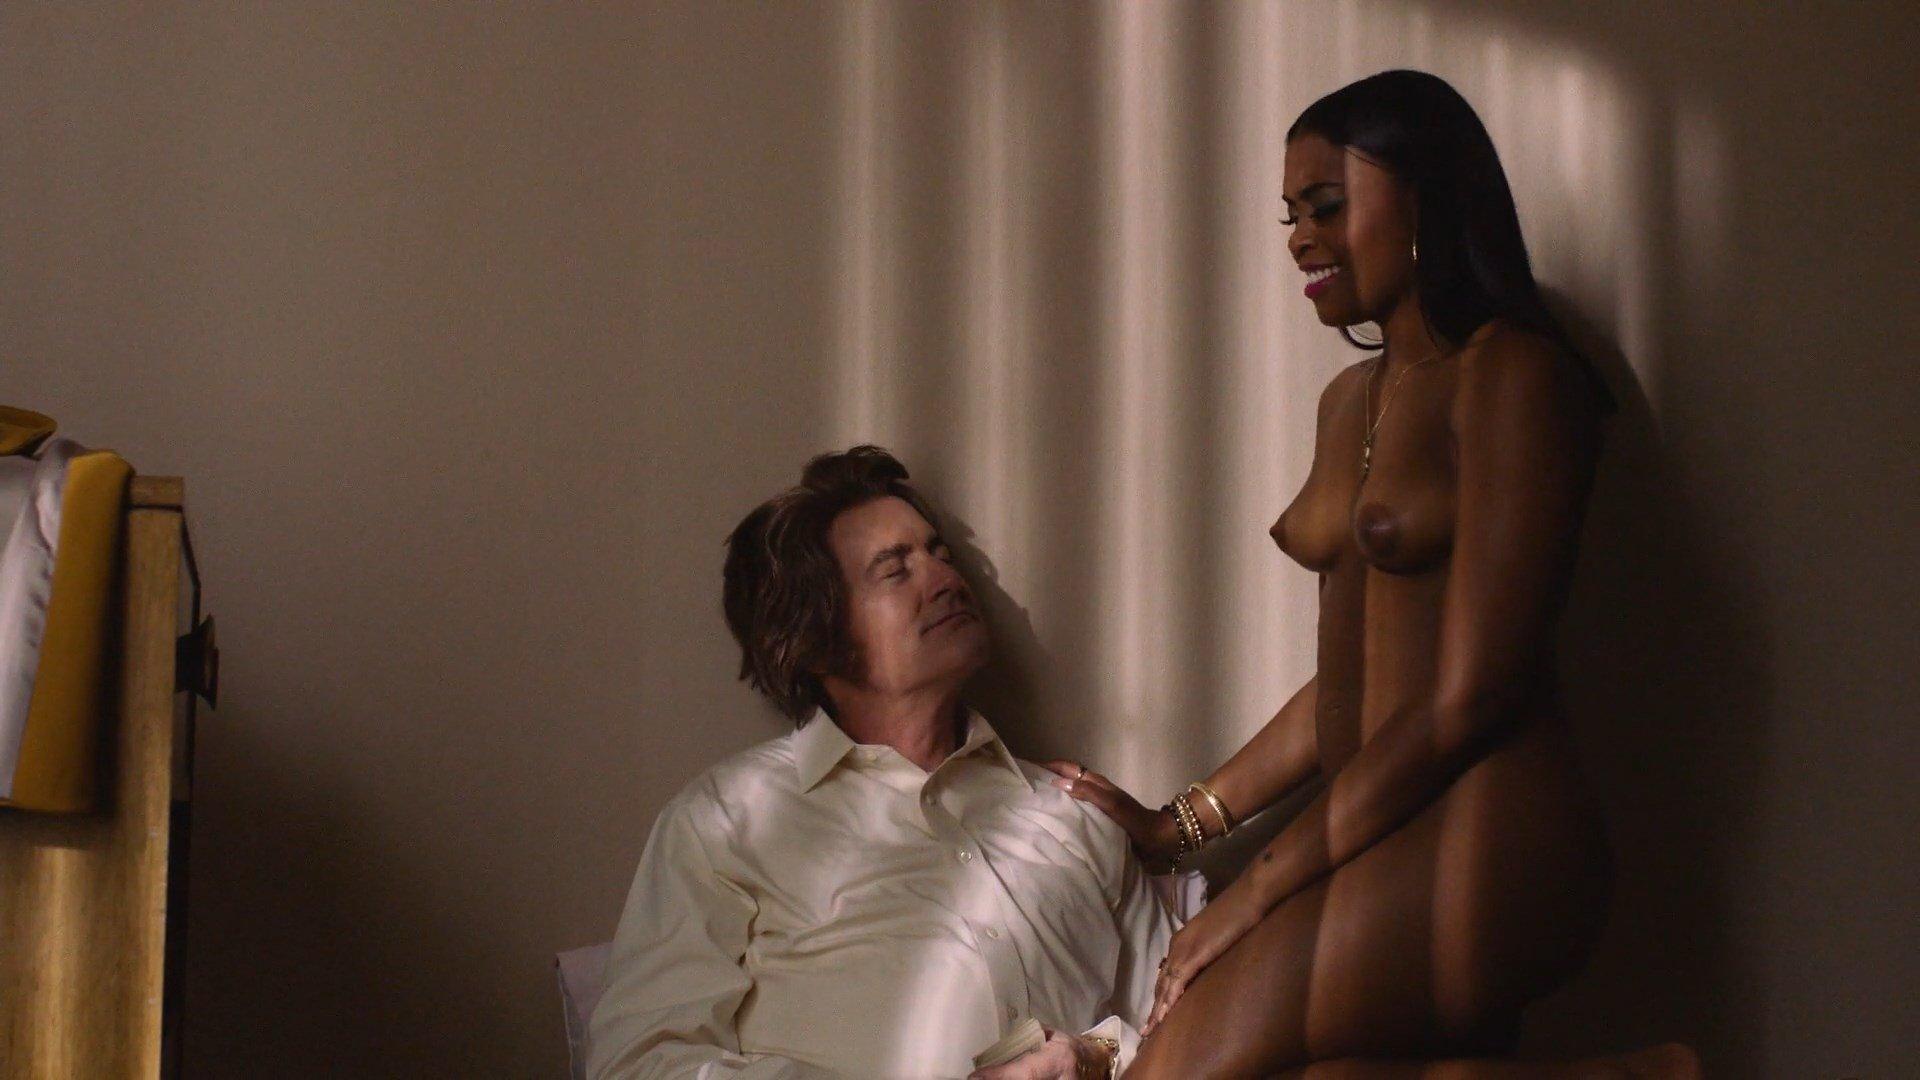 Maggie gyllenhaal sex scene in the deuce scandalplanetcom 2